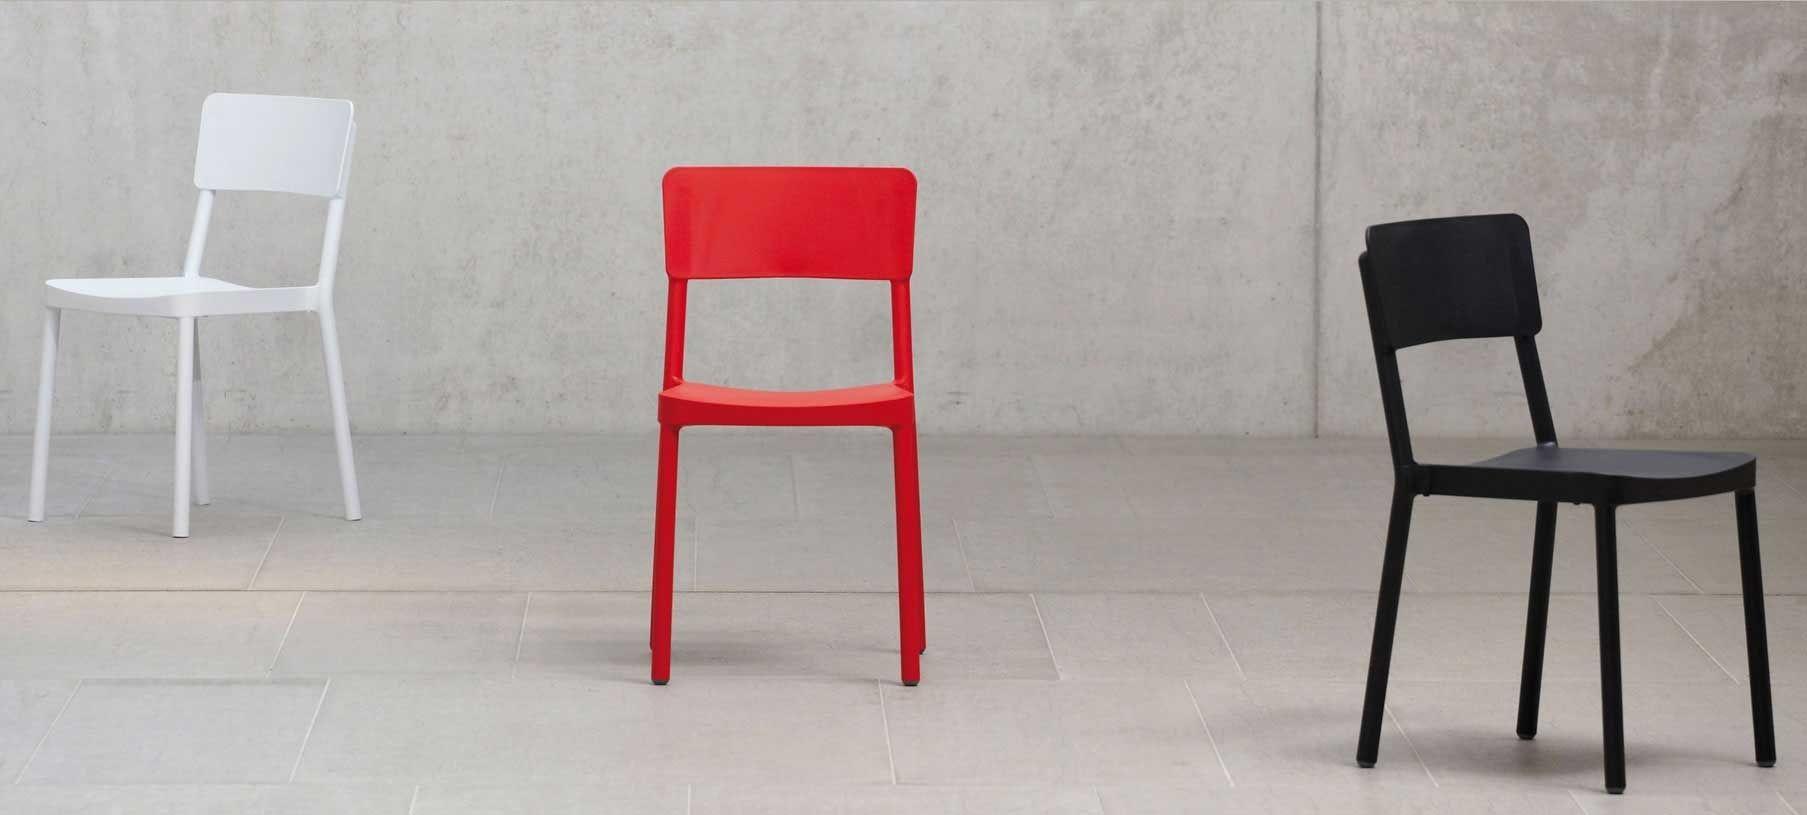 jan kurtz gartenmbel gallery of outlet gartenmobel jan kurtz gartenmobel outlet designer. Black Bedroom Furniture Sets. Home Design Ideas